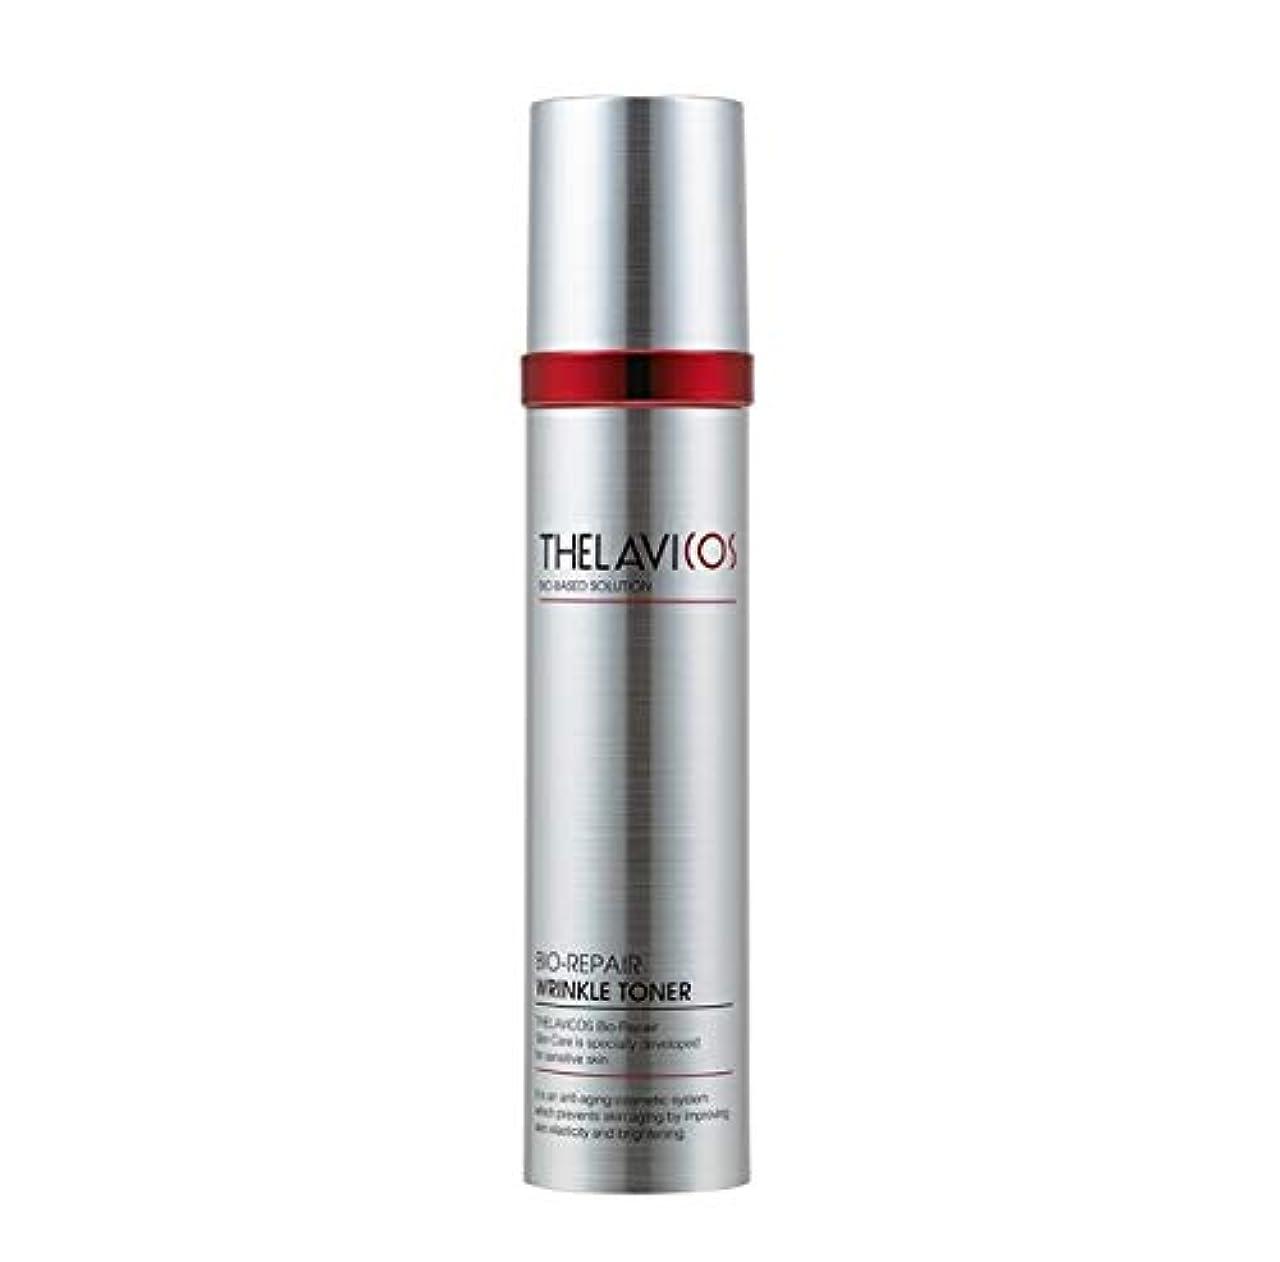 贅沢大胆抵抗するセラビコス THELAVICOS バイオリペア リンクルトナー 化粧水